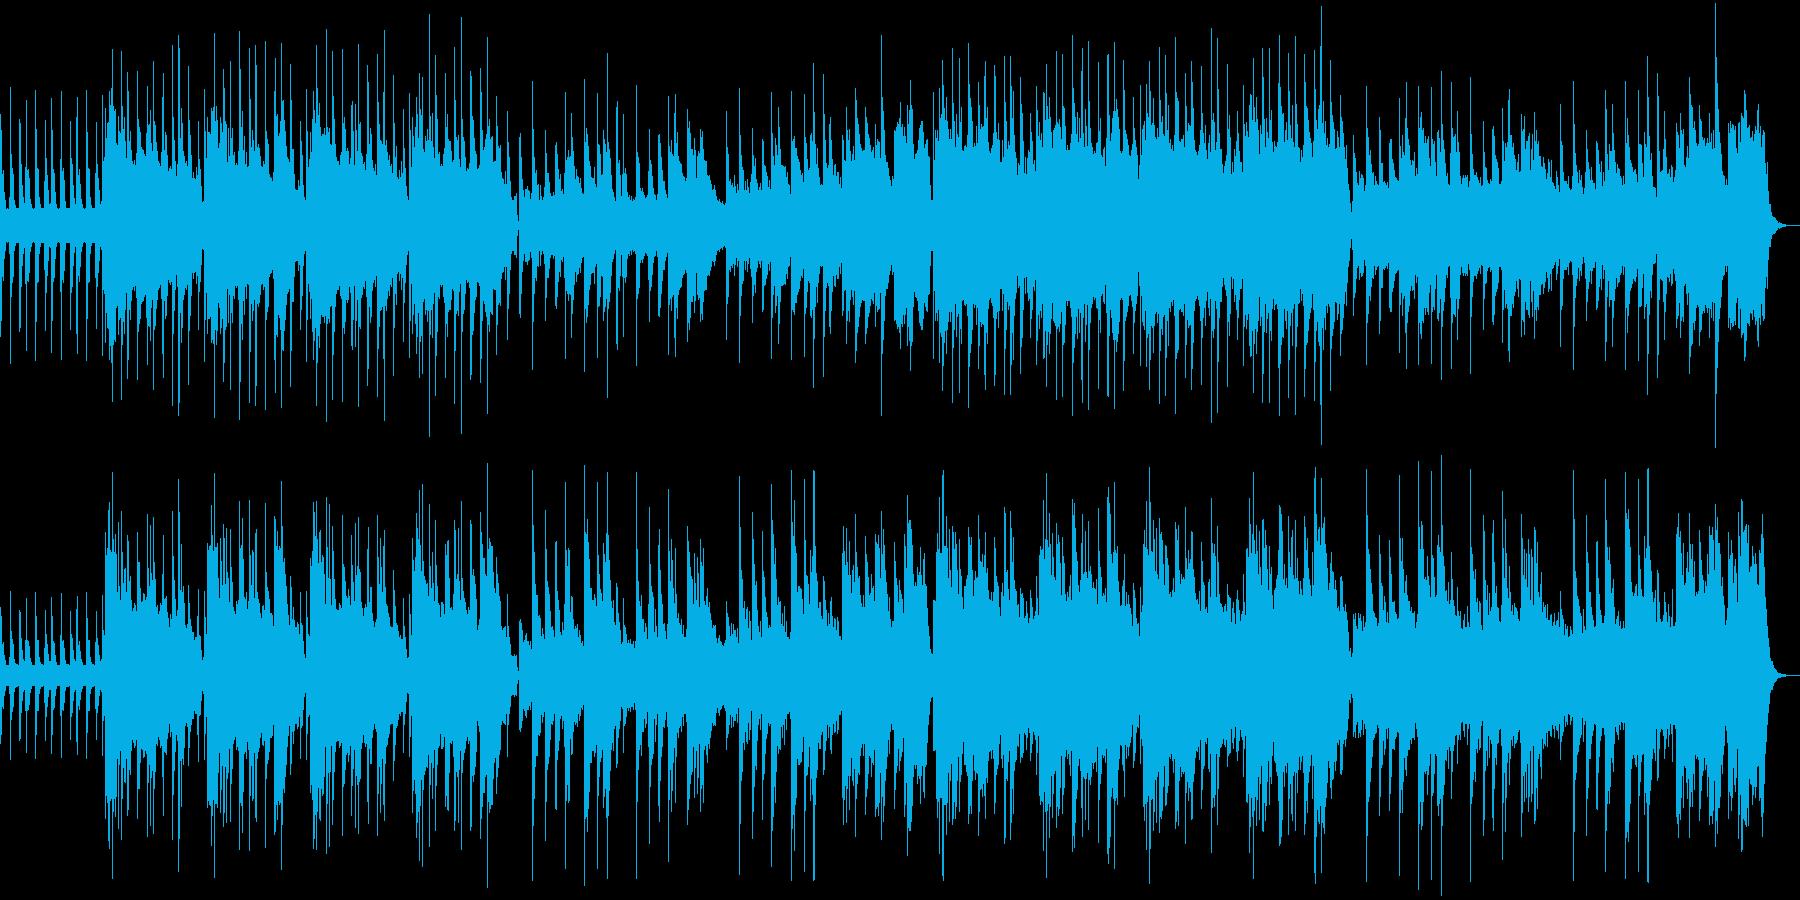 ミステリアスであやしげなエスニック風の曲の再生済みの波形